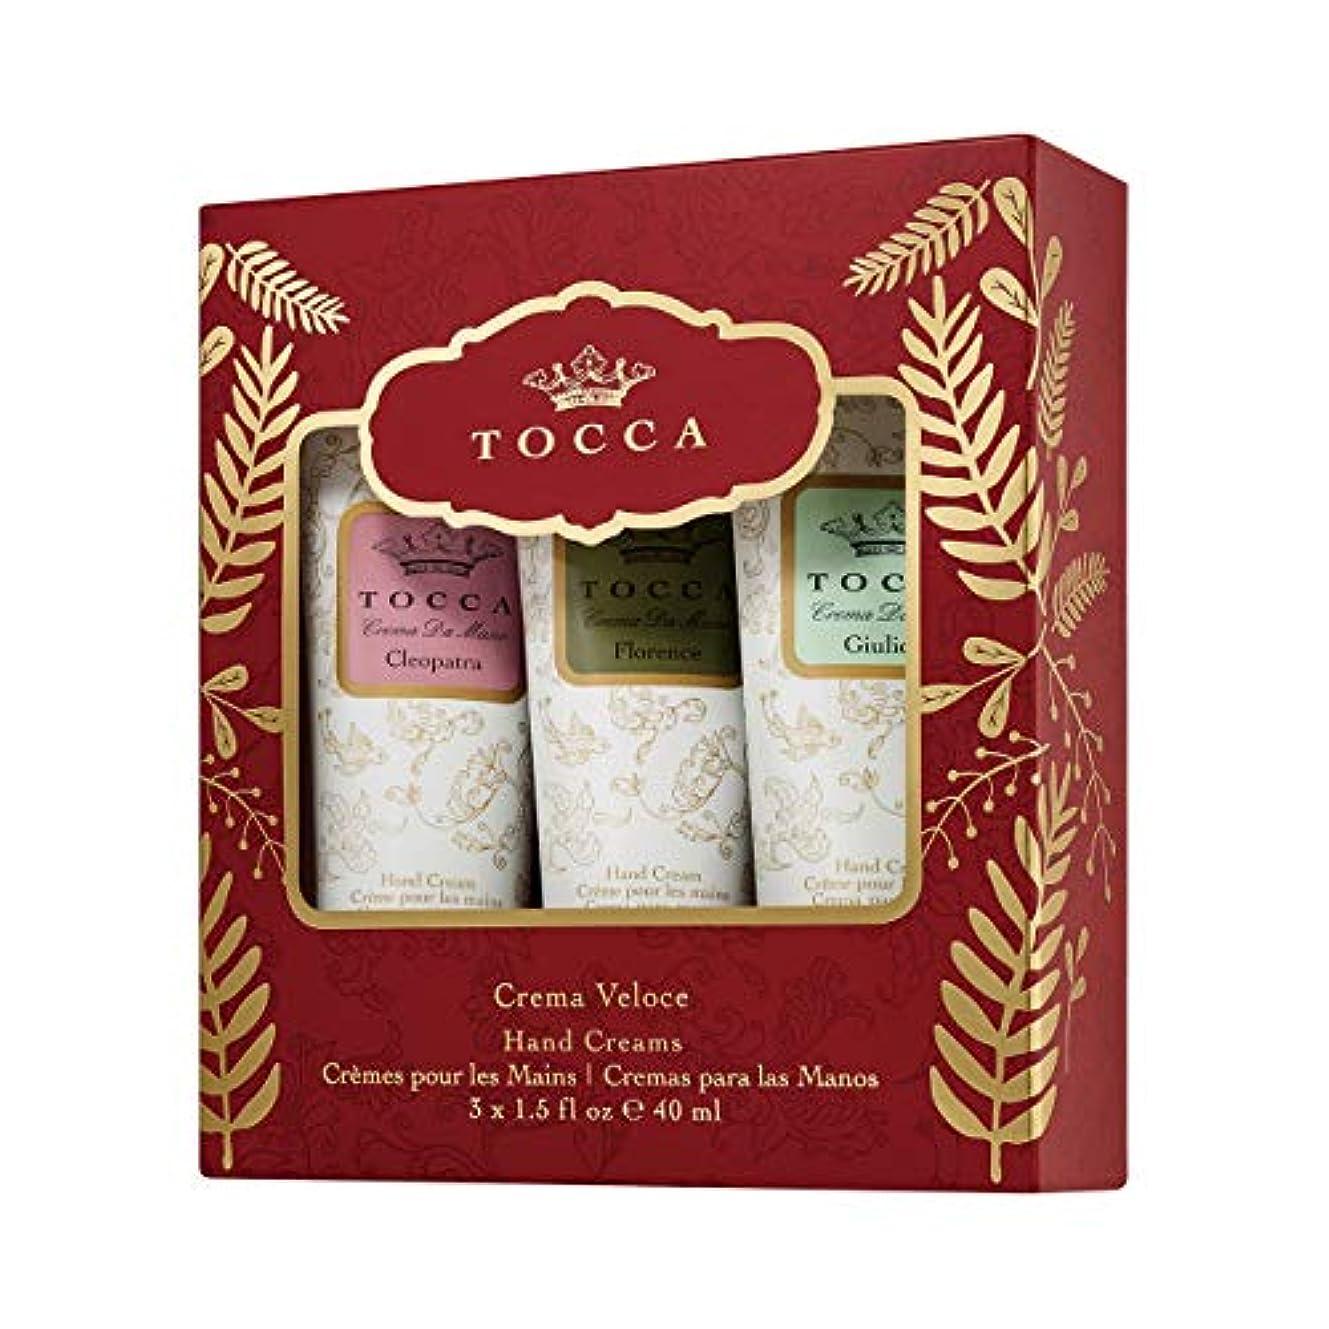 大工哺乳類礼儀TOCCA クレマヴェローチェパルマ ハンドクリーム3本入った贅沢な贈り物(手指保湿?小分けギフト)